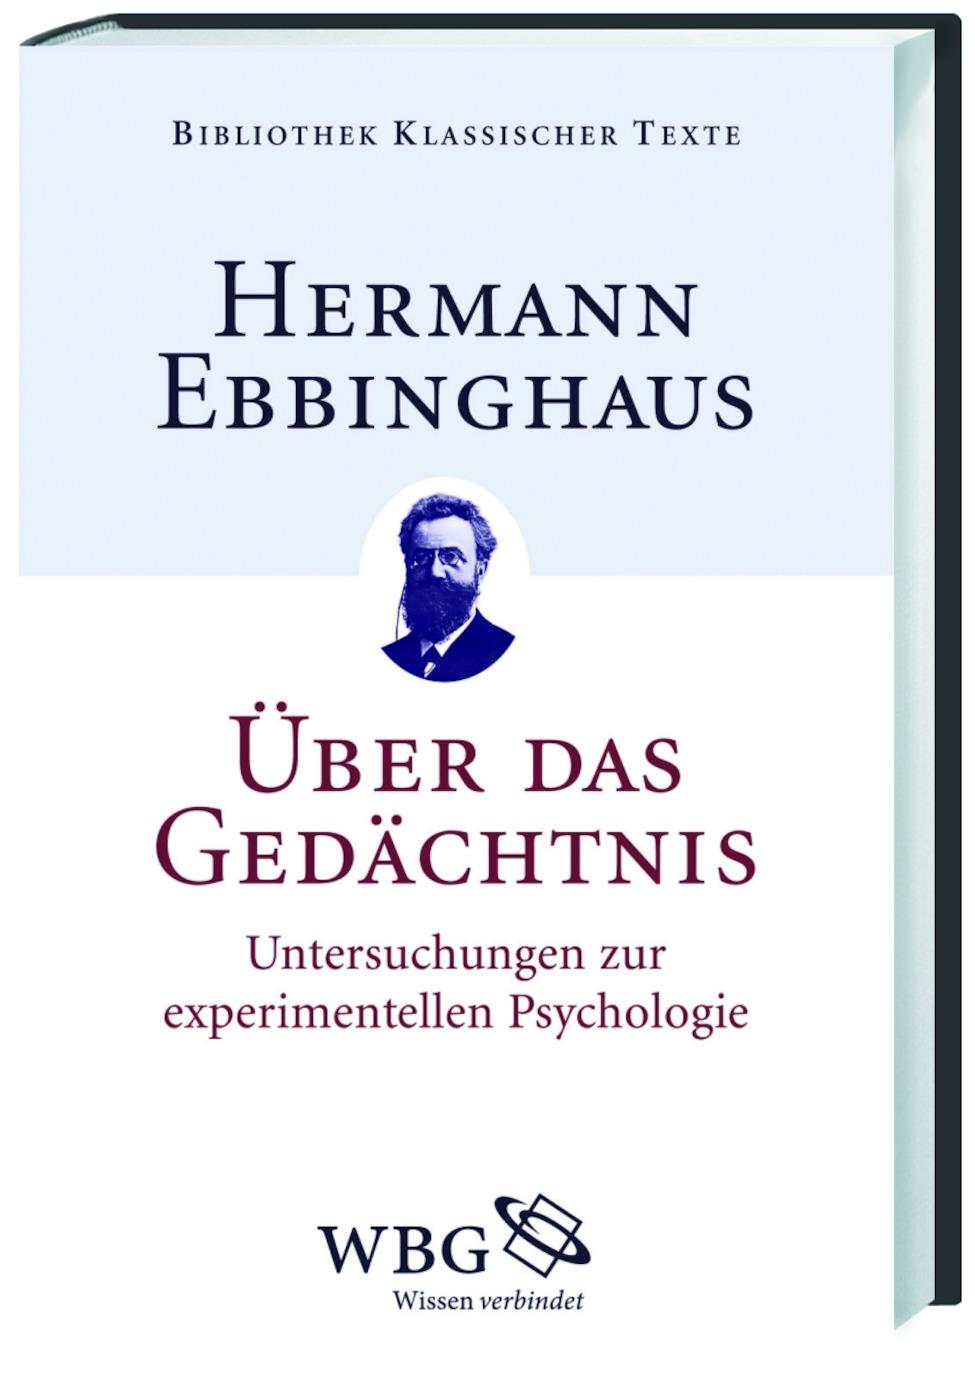 Über das Gedächtnis: Untersuchungen zur experim...